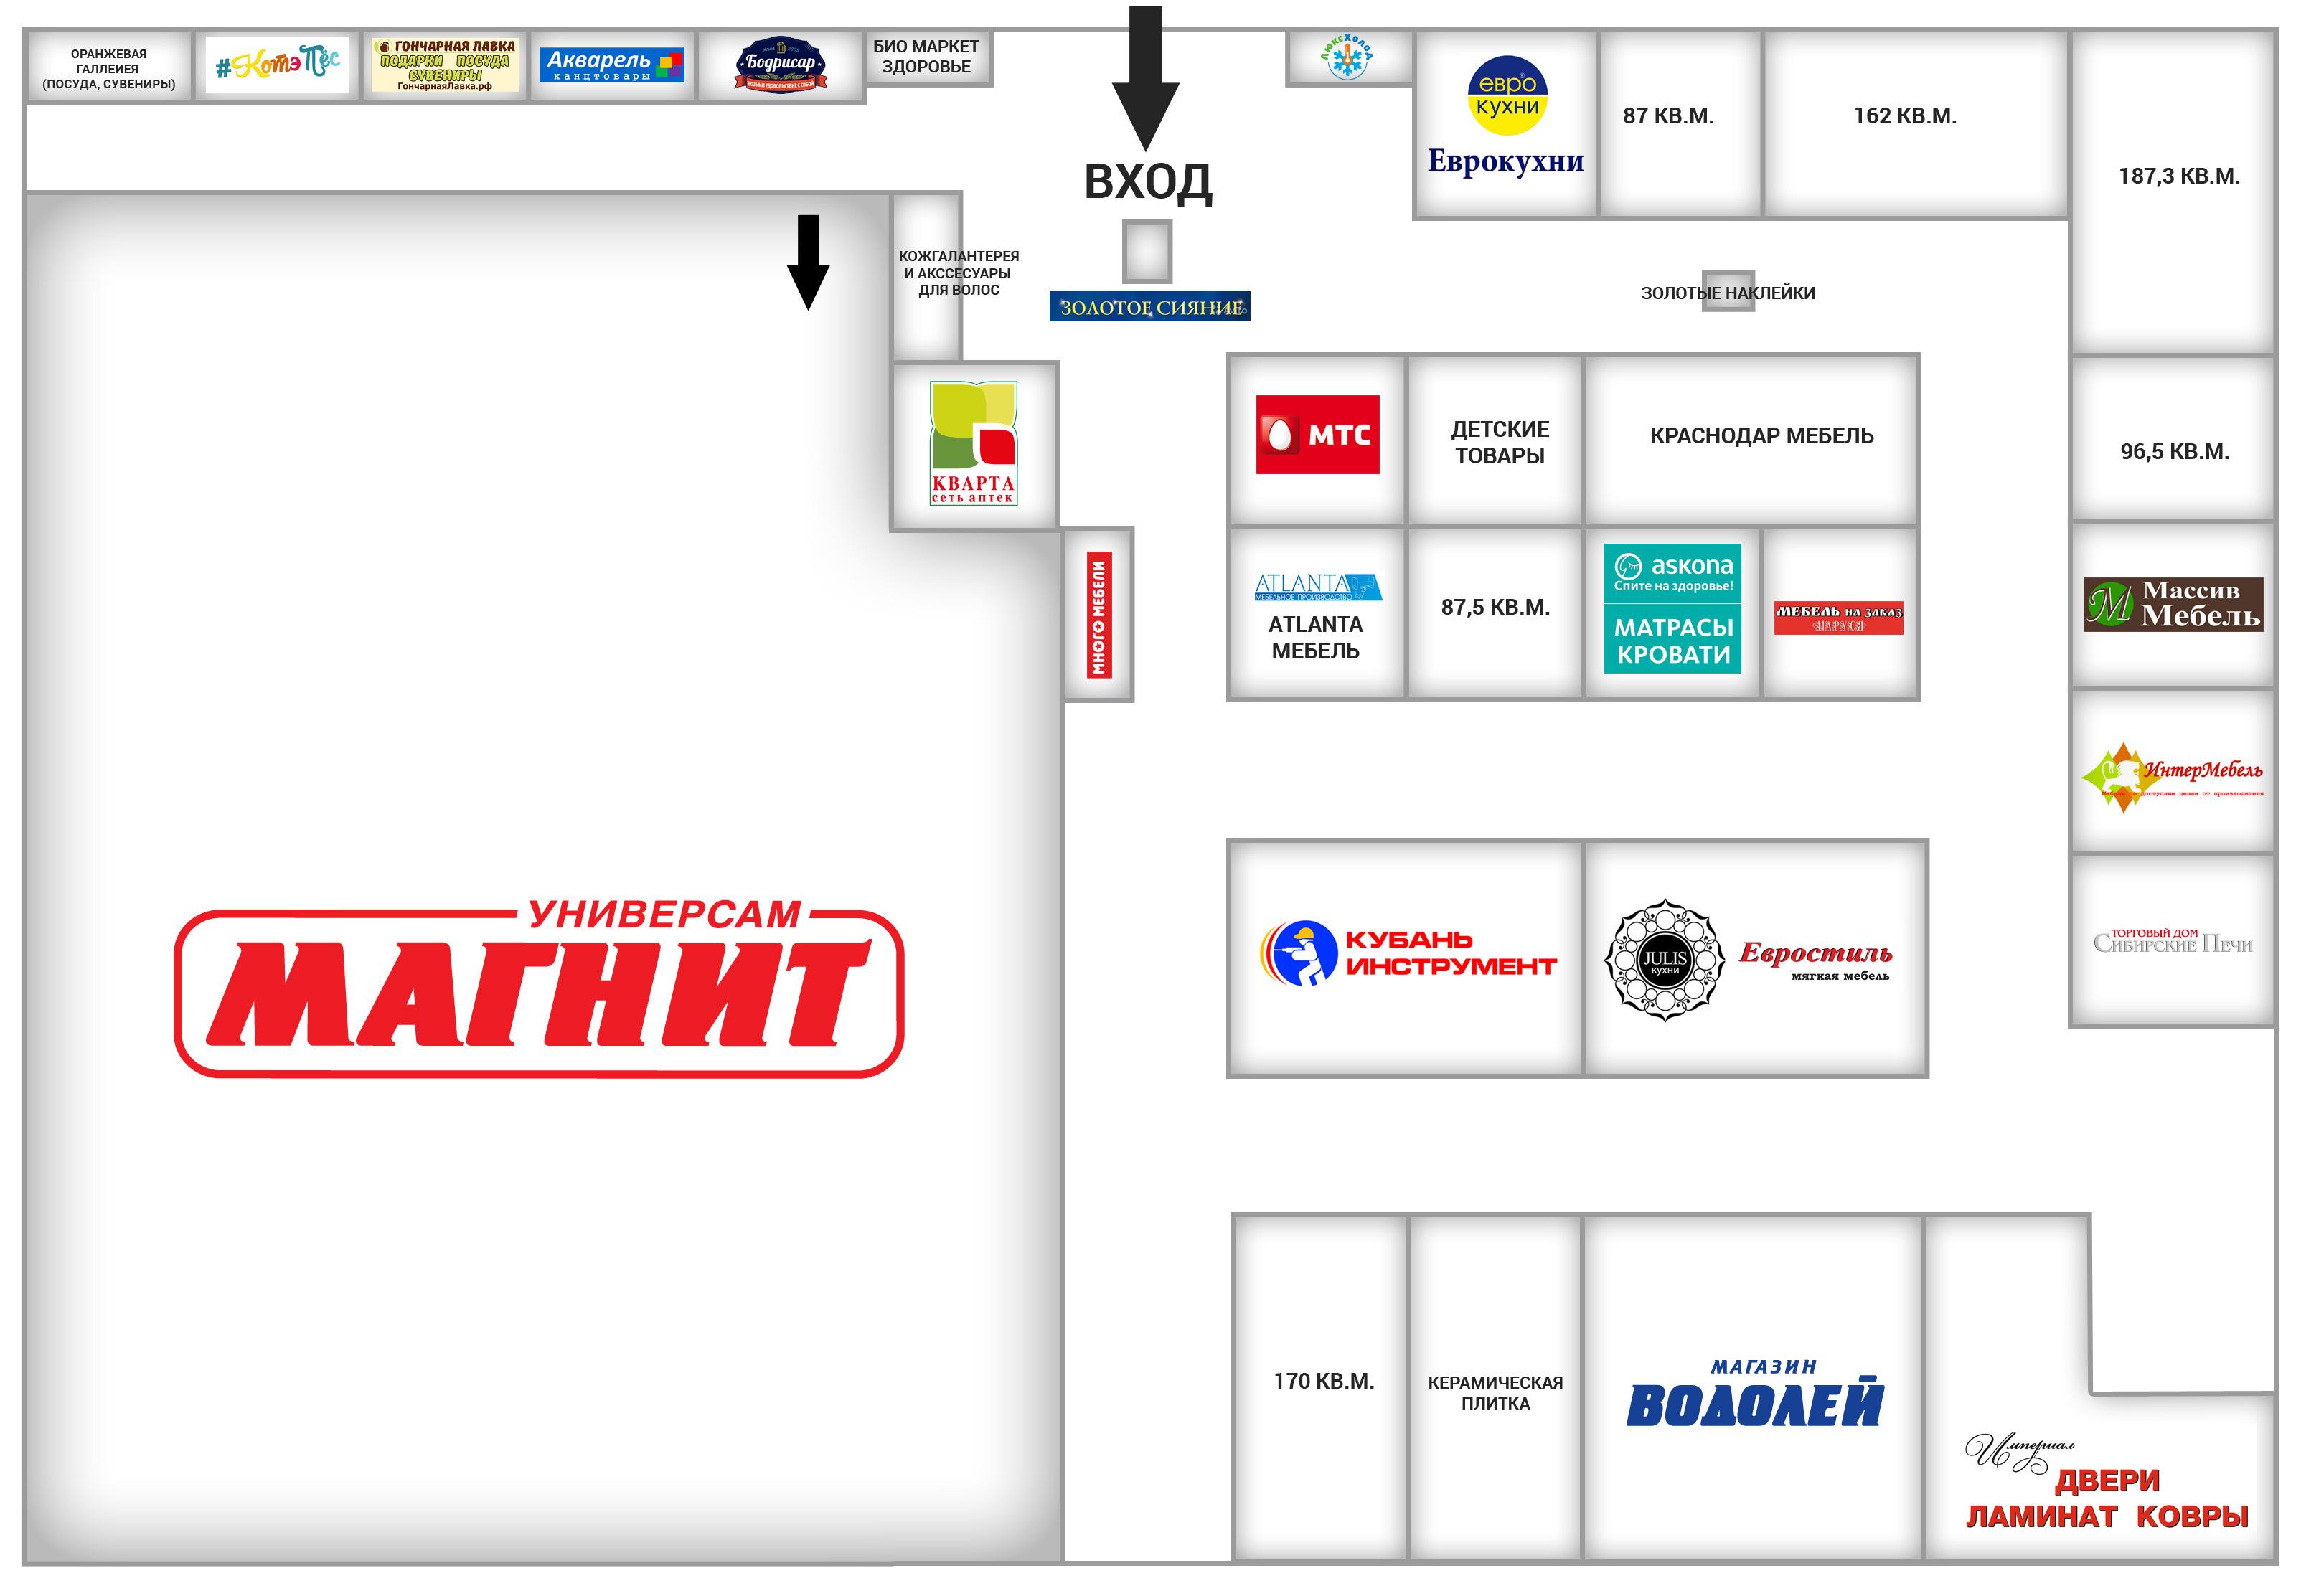 Торговый центр Западный – аренда торговых площадей в Краснодаре. Сдаются в аренду торговых площадей в торговых центрах Краснодара